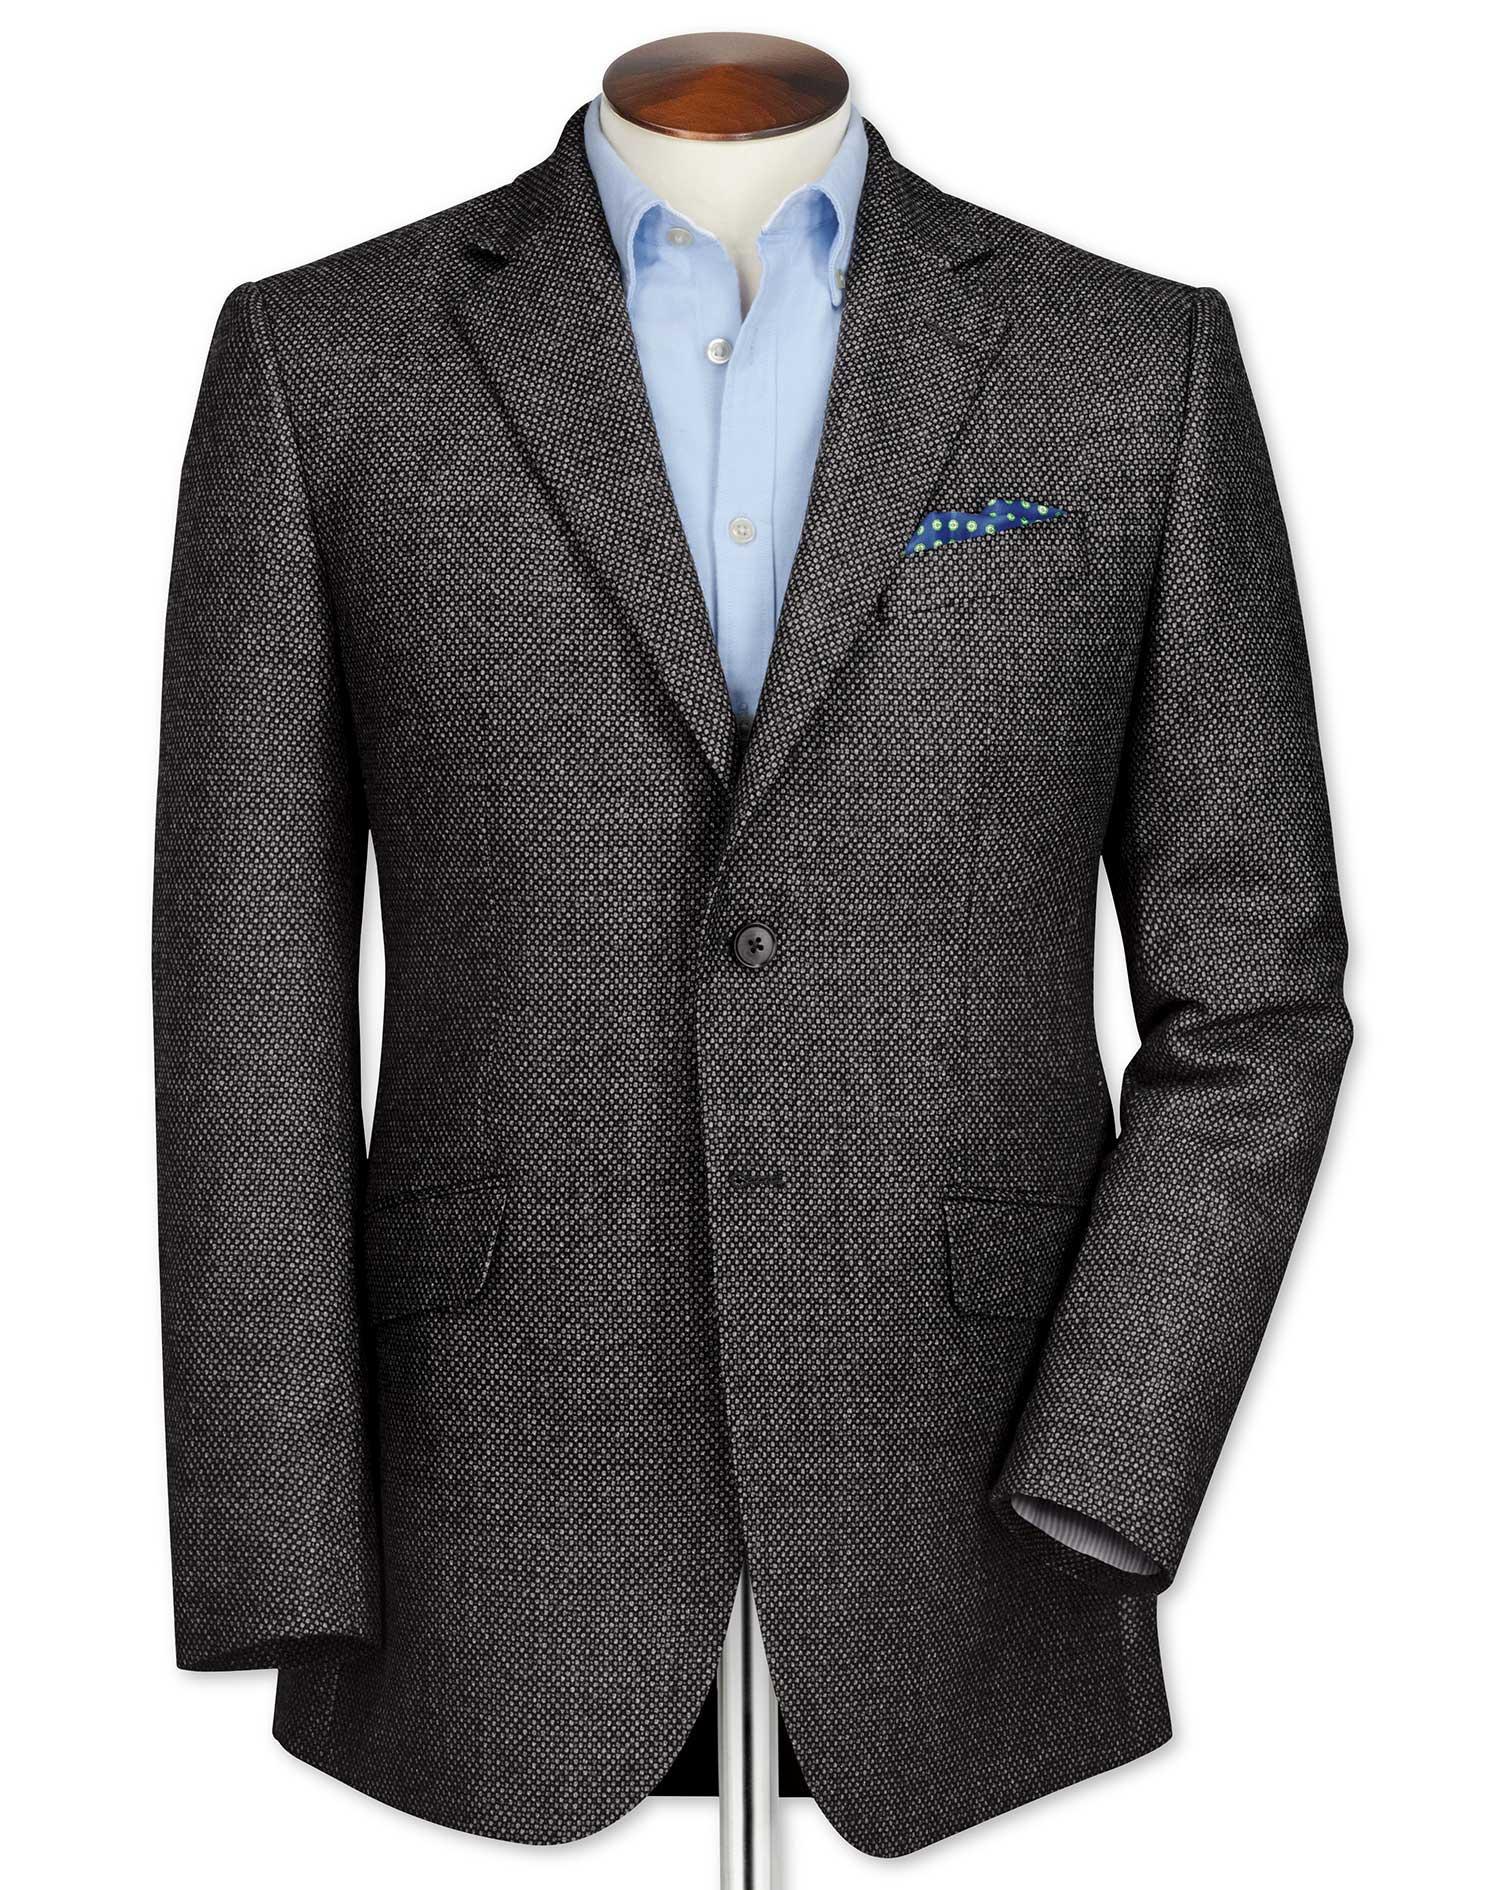 Slim Fit Grey Birdseye Lambswool Wool Jacket Size 38 Long by Charles Tyrwhitt